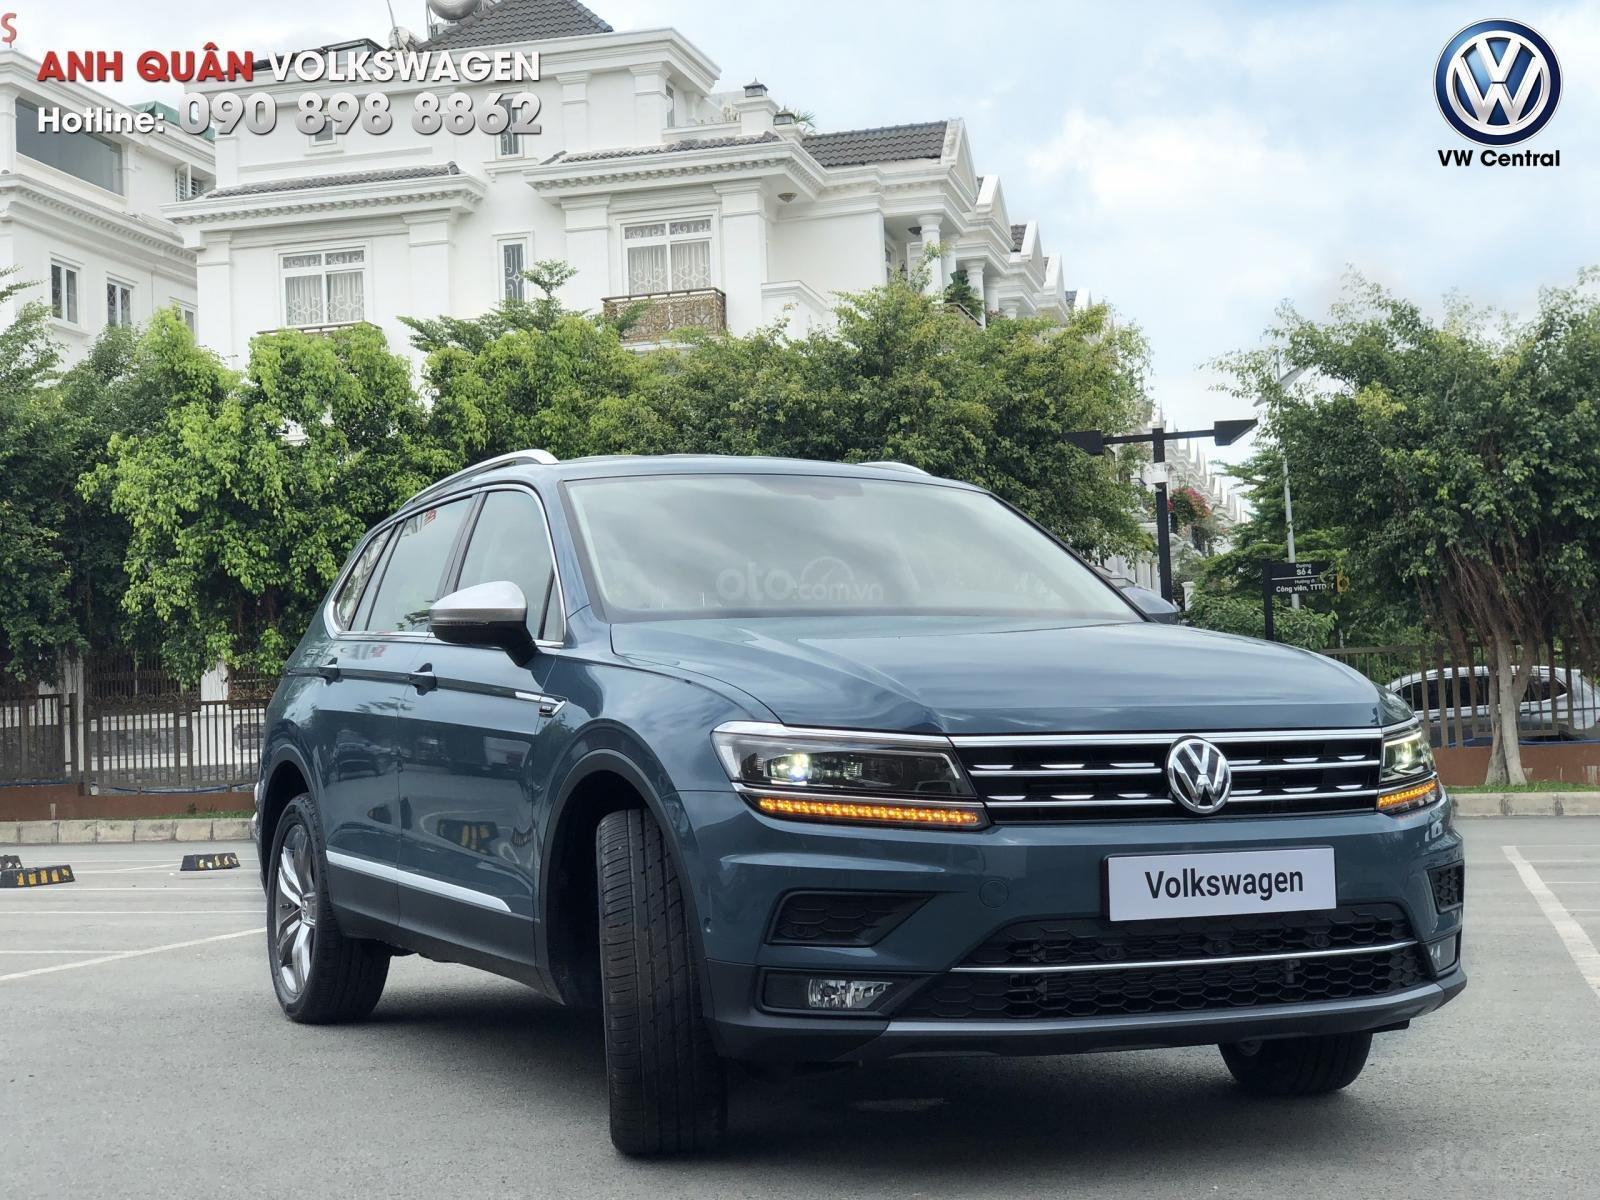 Tiguan Allspace Luxury 2020 - nhập khẩu, đủ màu, giao ngay|Hotline: 090-898-8862 (Anh Quân - VW Sài Gòn) (4)